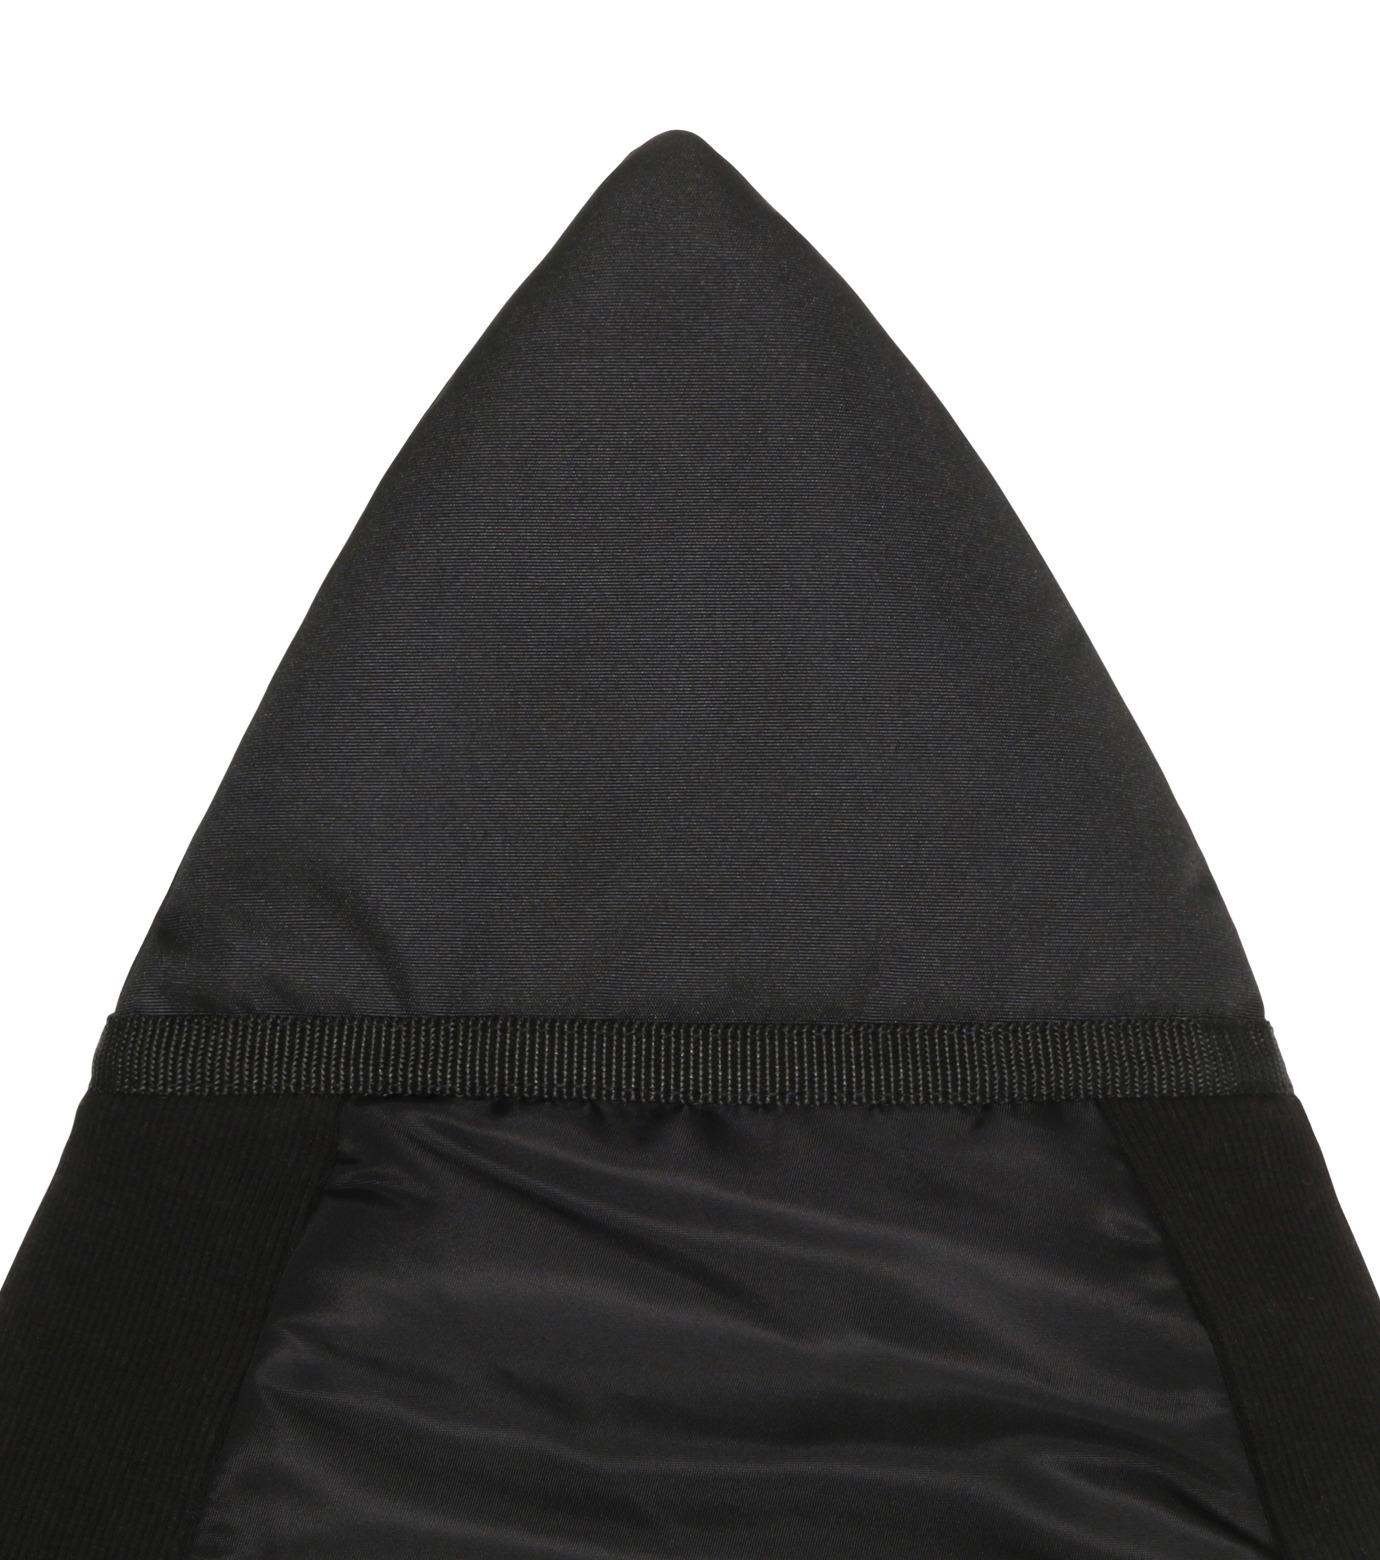 HEY YOU !(ヘイユウ)のSurfboard Jacket Short-BLACK(サーフ/OUTDOOR/surf/OUTDOOR)-18S90007-13 拡大詳細画像2